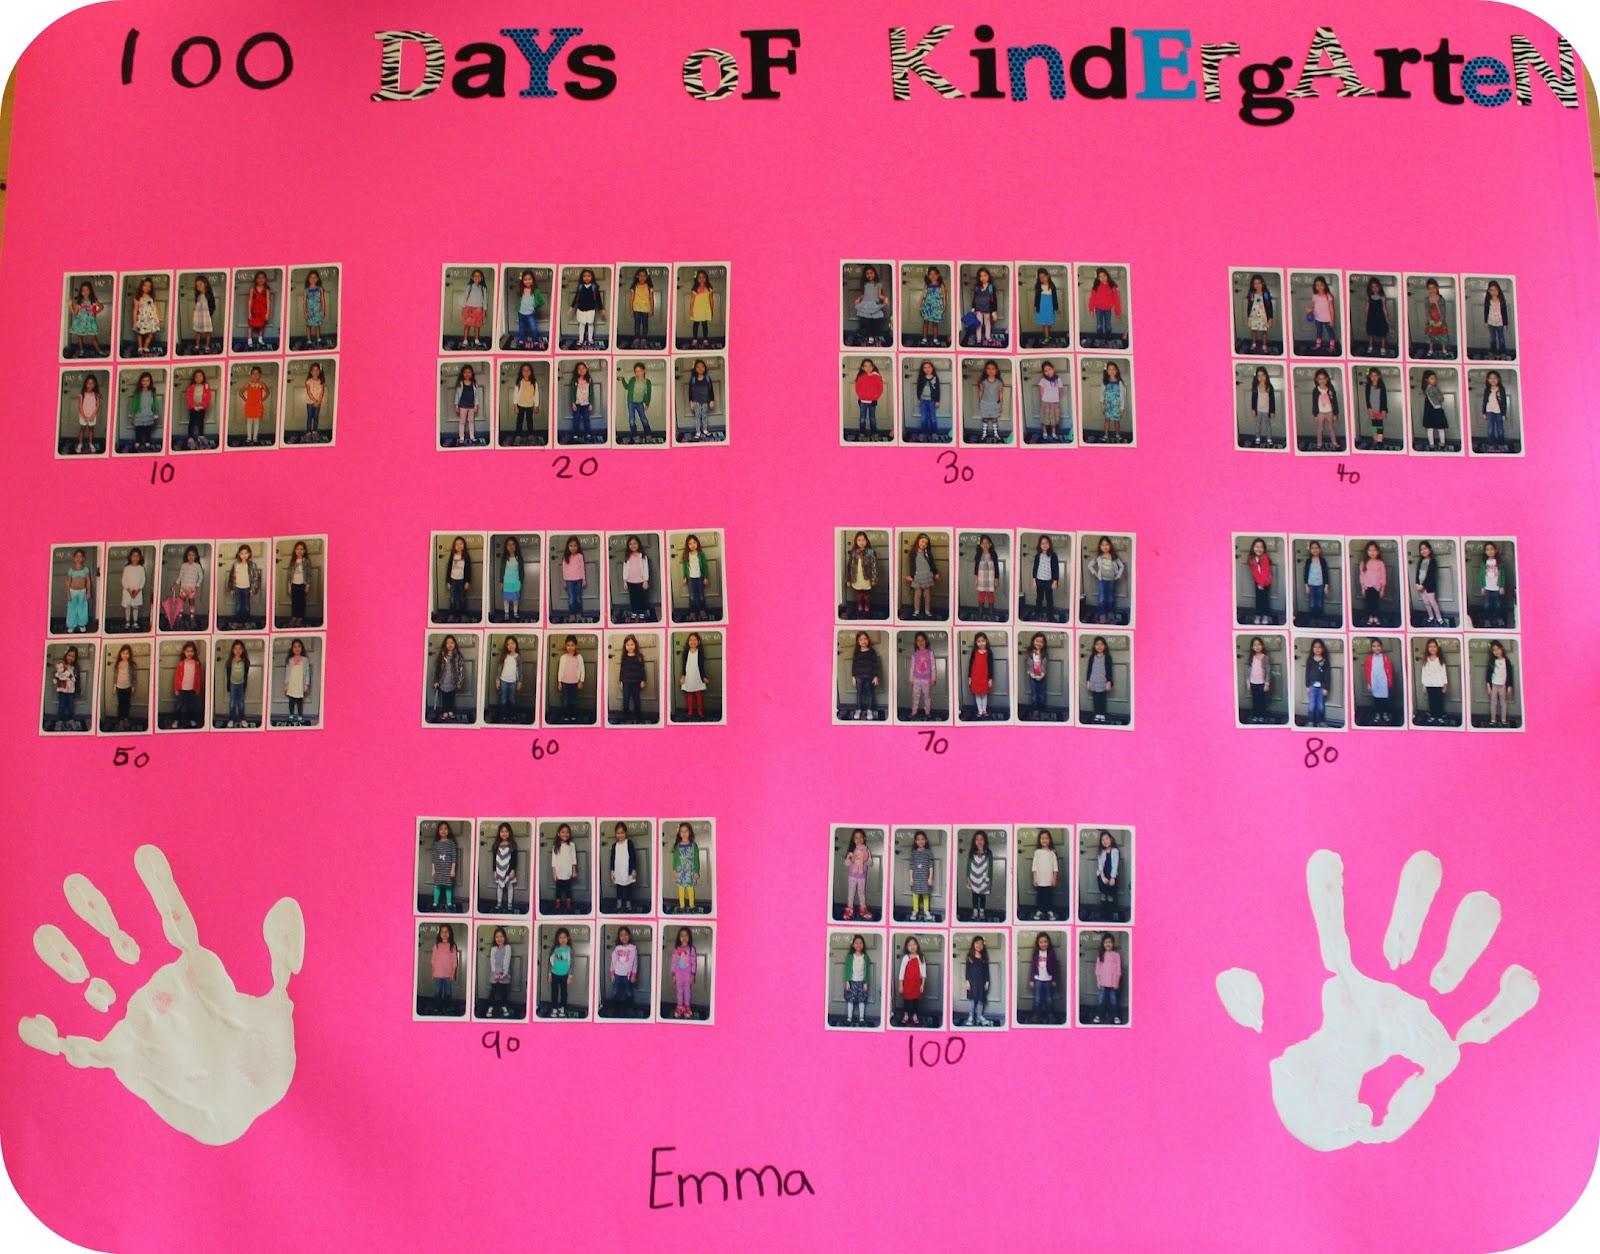 Diy School Project 100 Days Of Kindergarten Poster